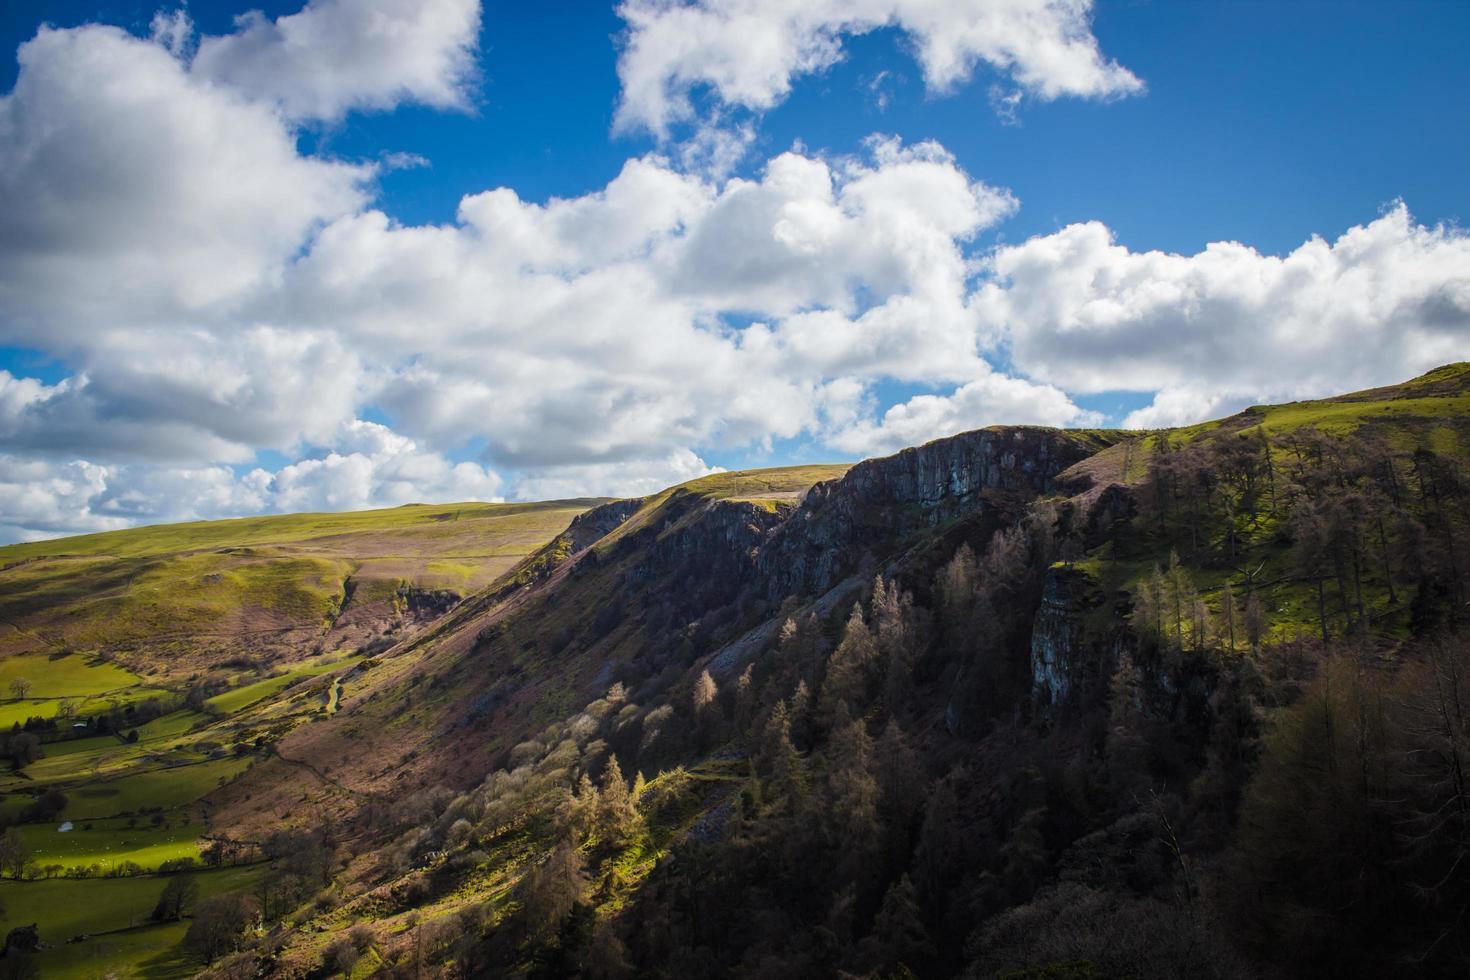 montaña verde durante el día foto